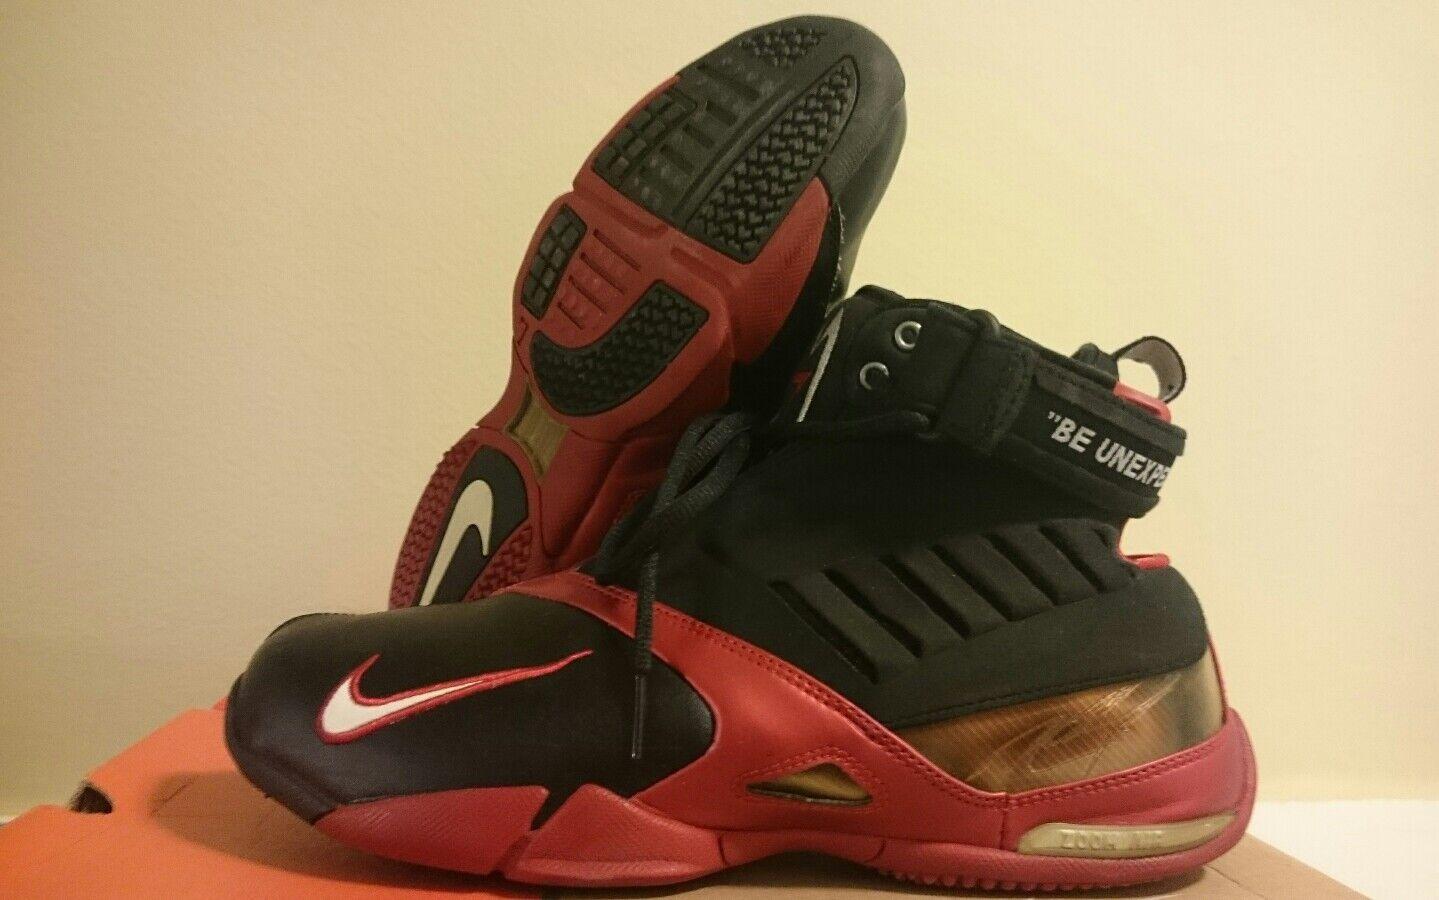 RARE Nike Zoom Vick I Men's Sz 8.5 jordan retro off white atl 1 atlanta falcons